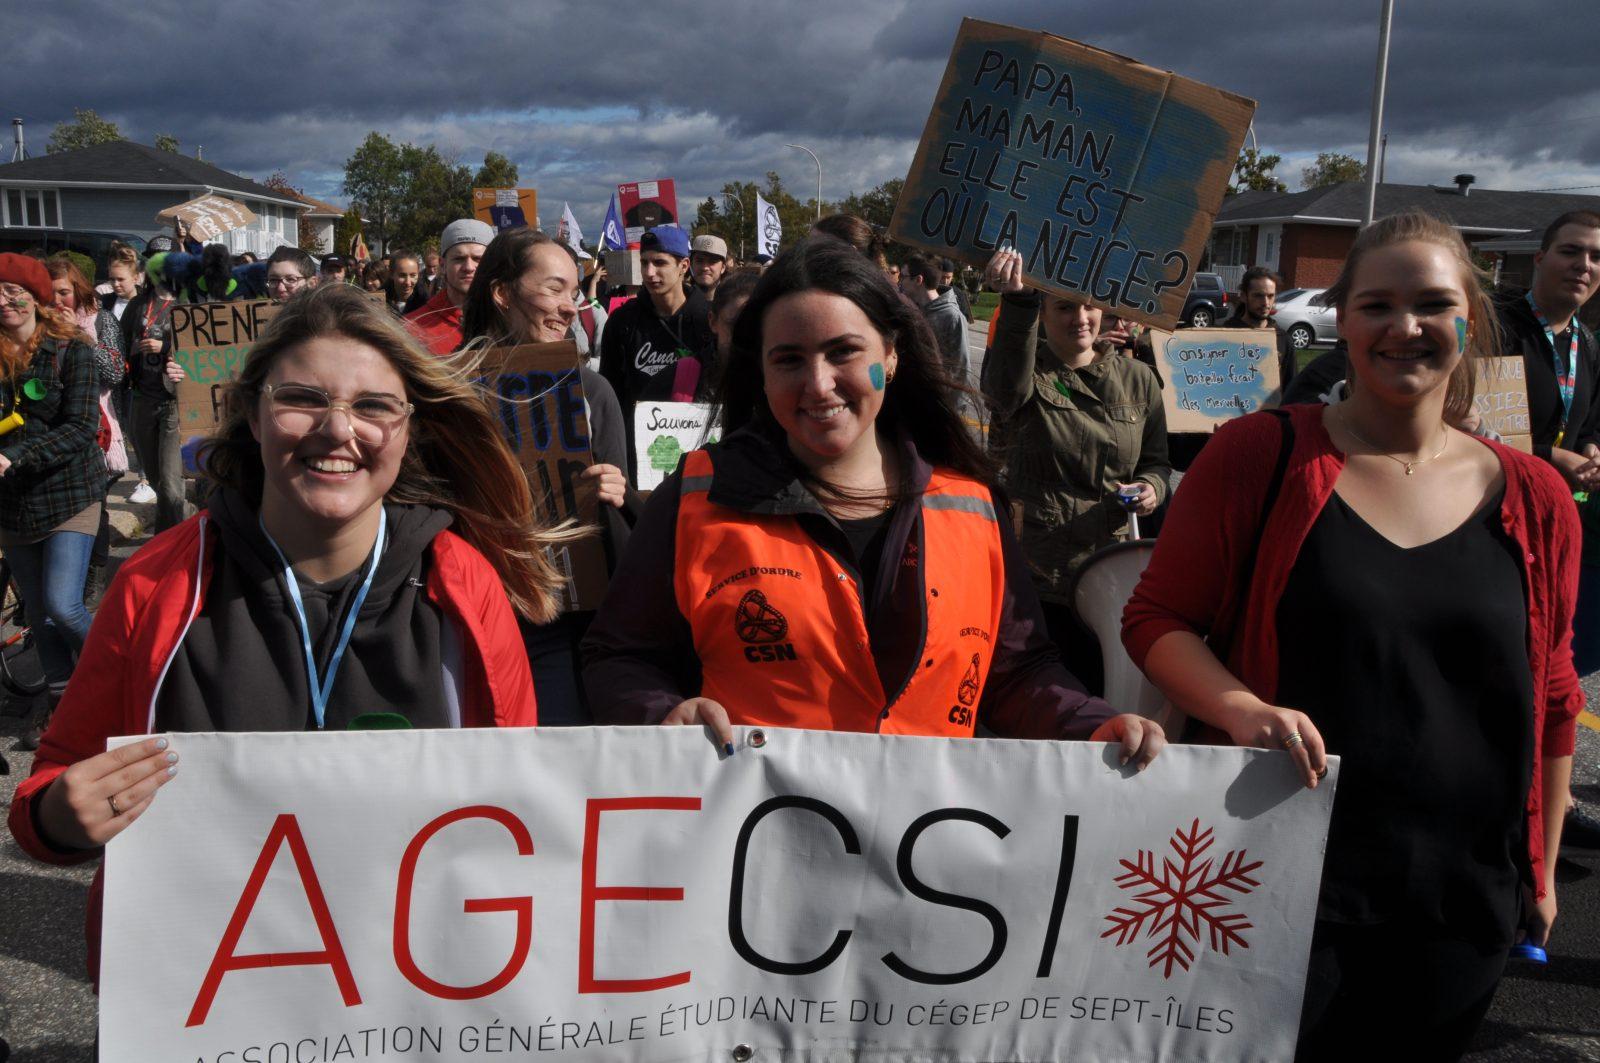 Près de 200 personnes marchent pour le climat à Sept-Îles